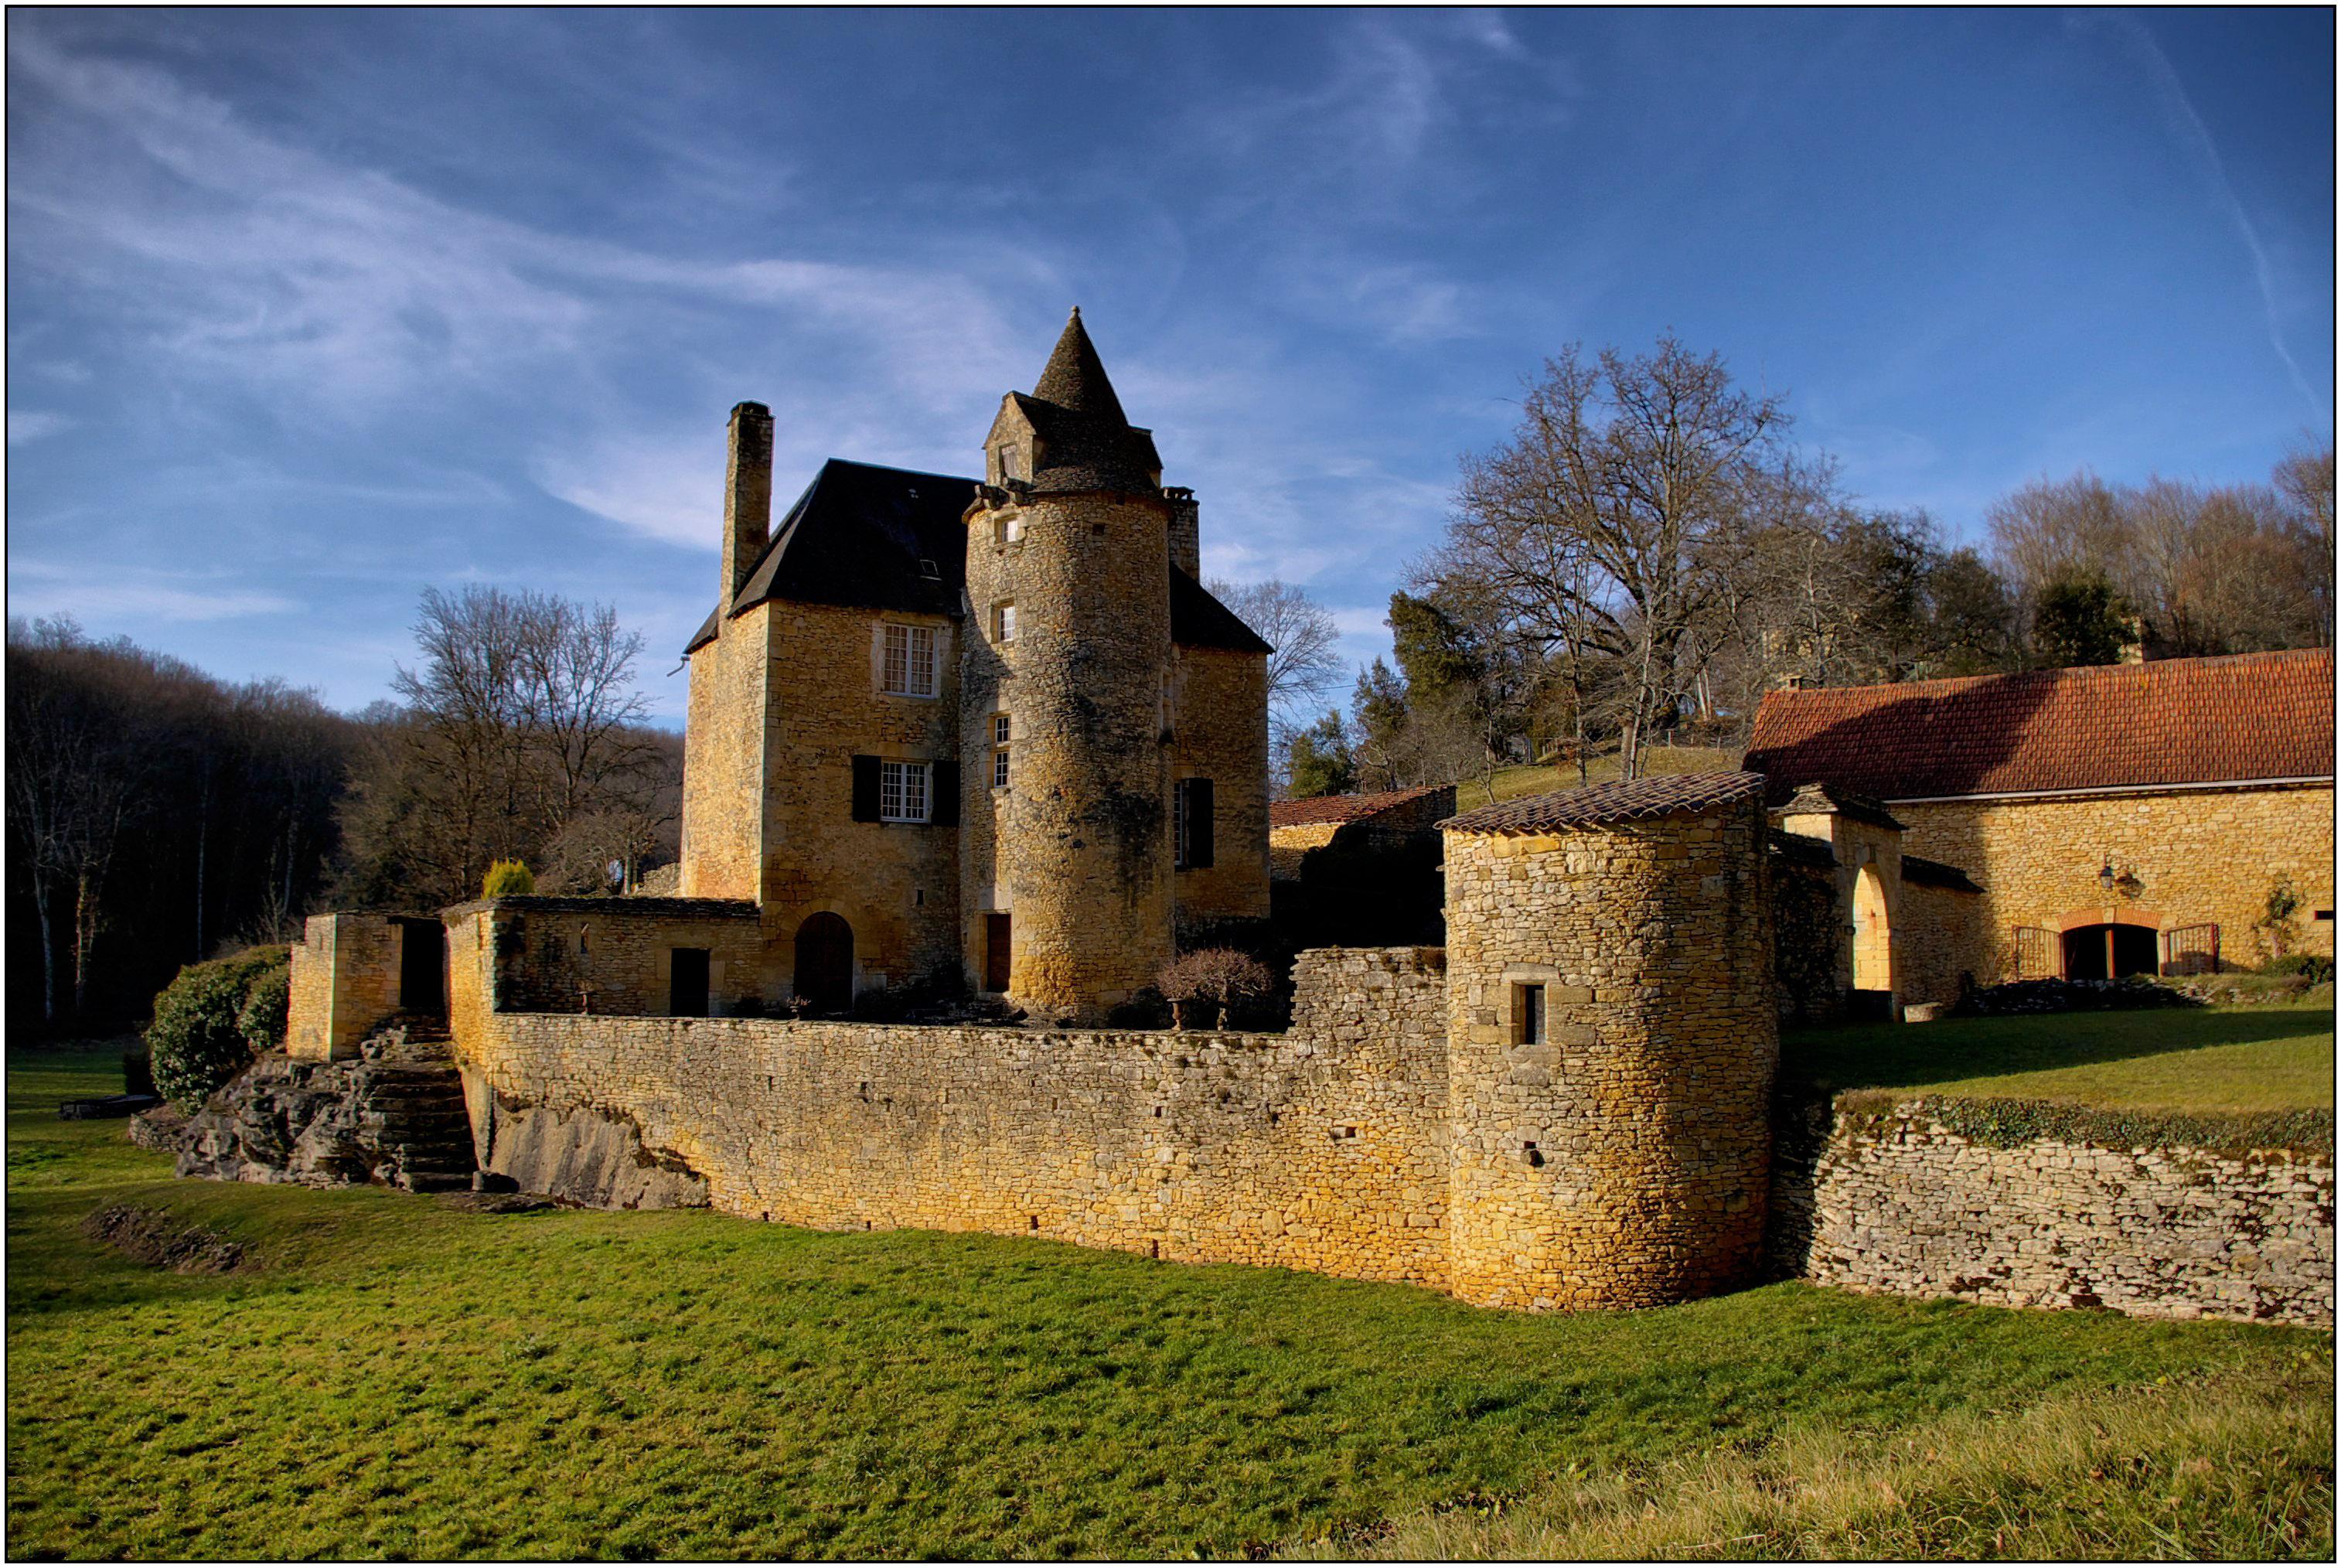 PROISSANS_Dordogne_-_Manoir_du_Cluzeau